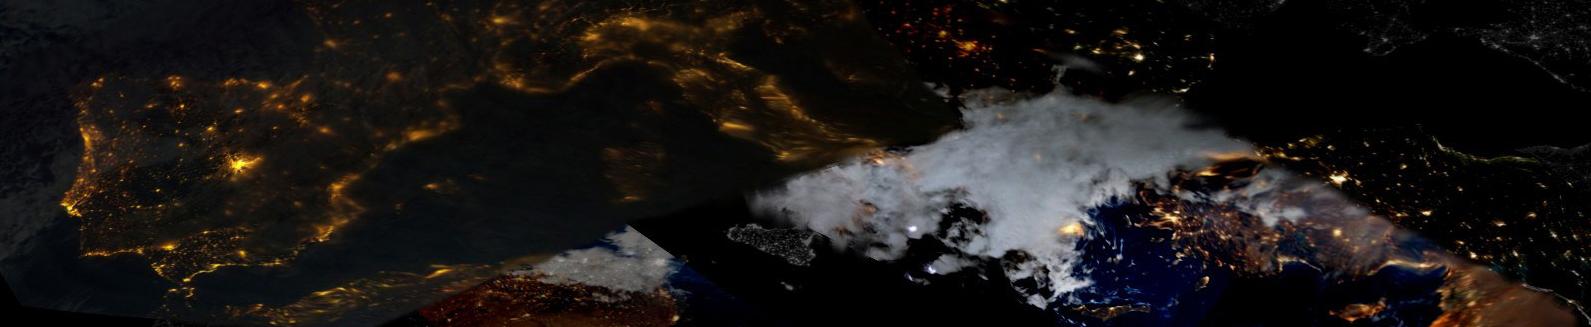 Europa de noche desde el espacio